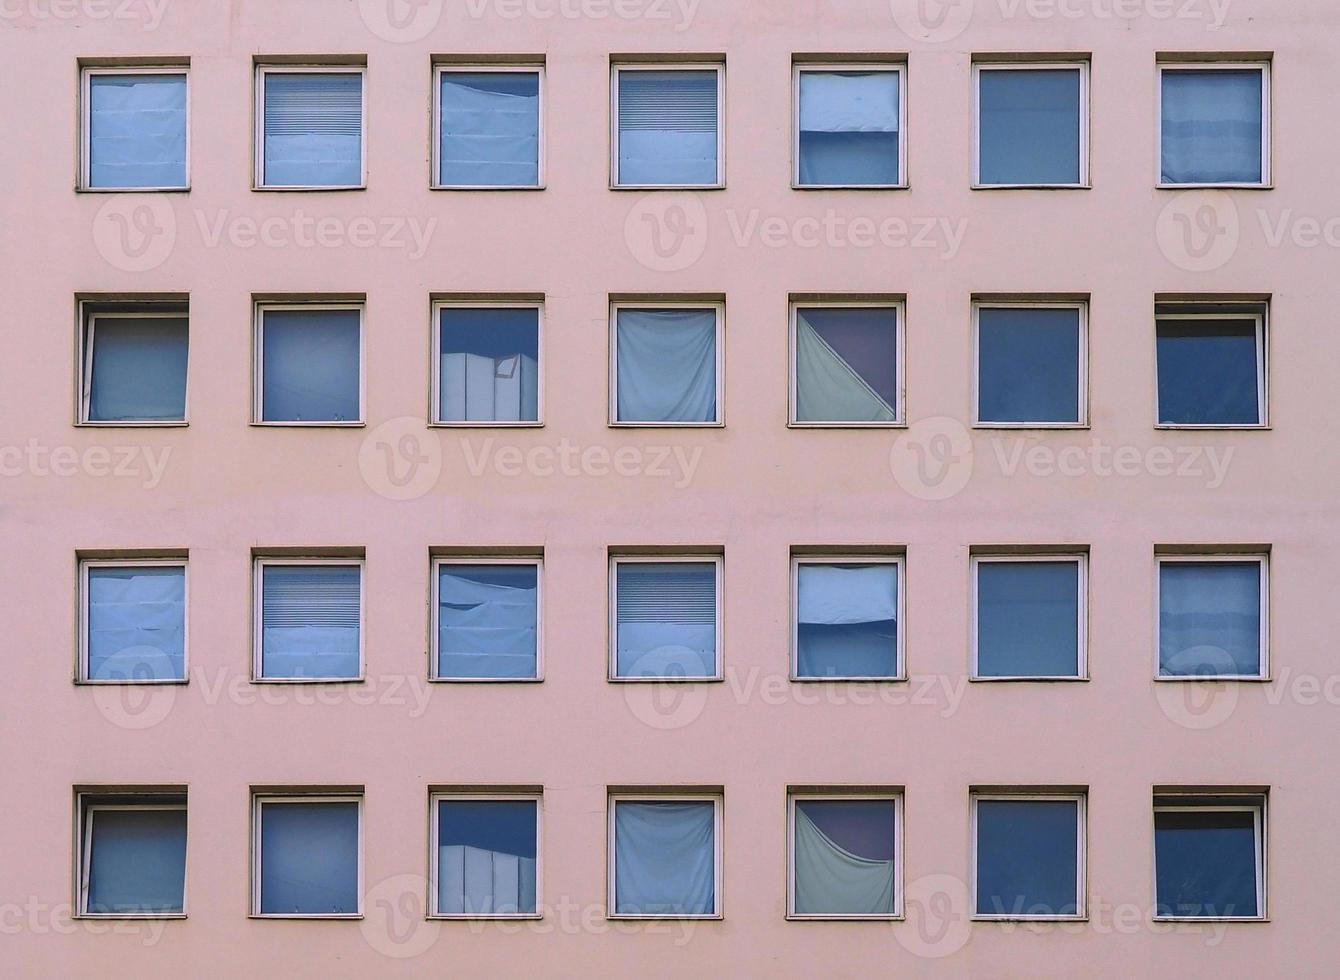 fachada moderna com janelas foto